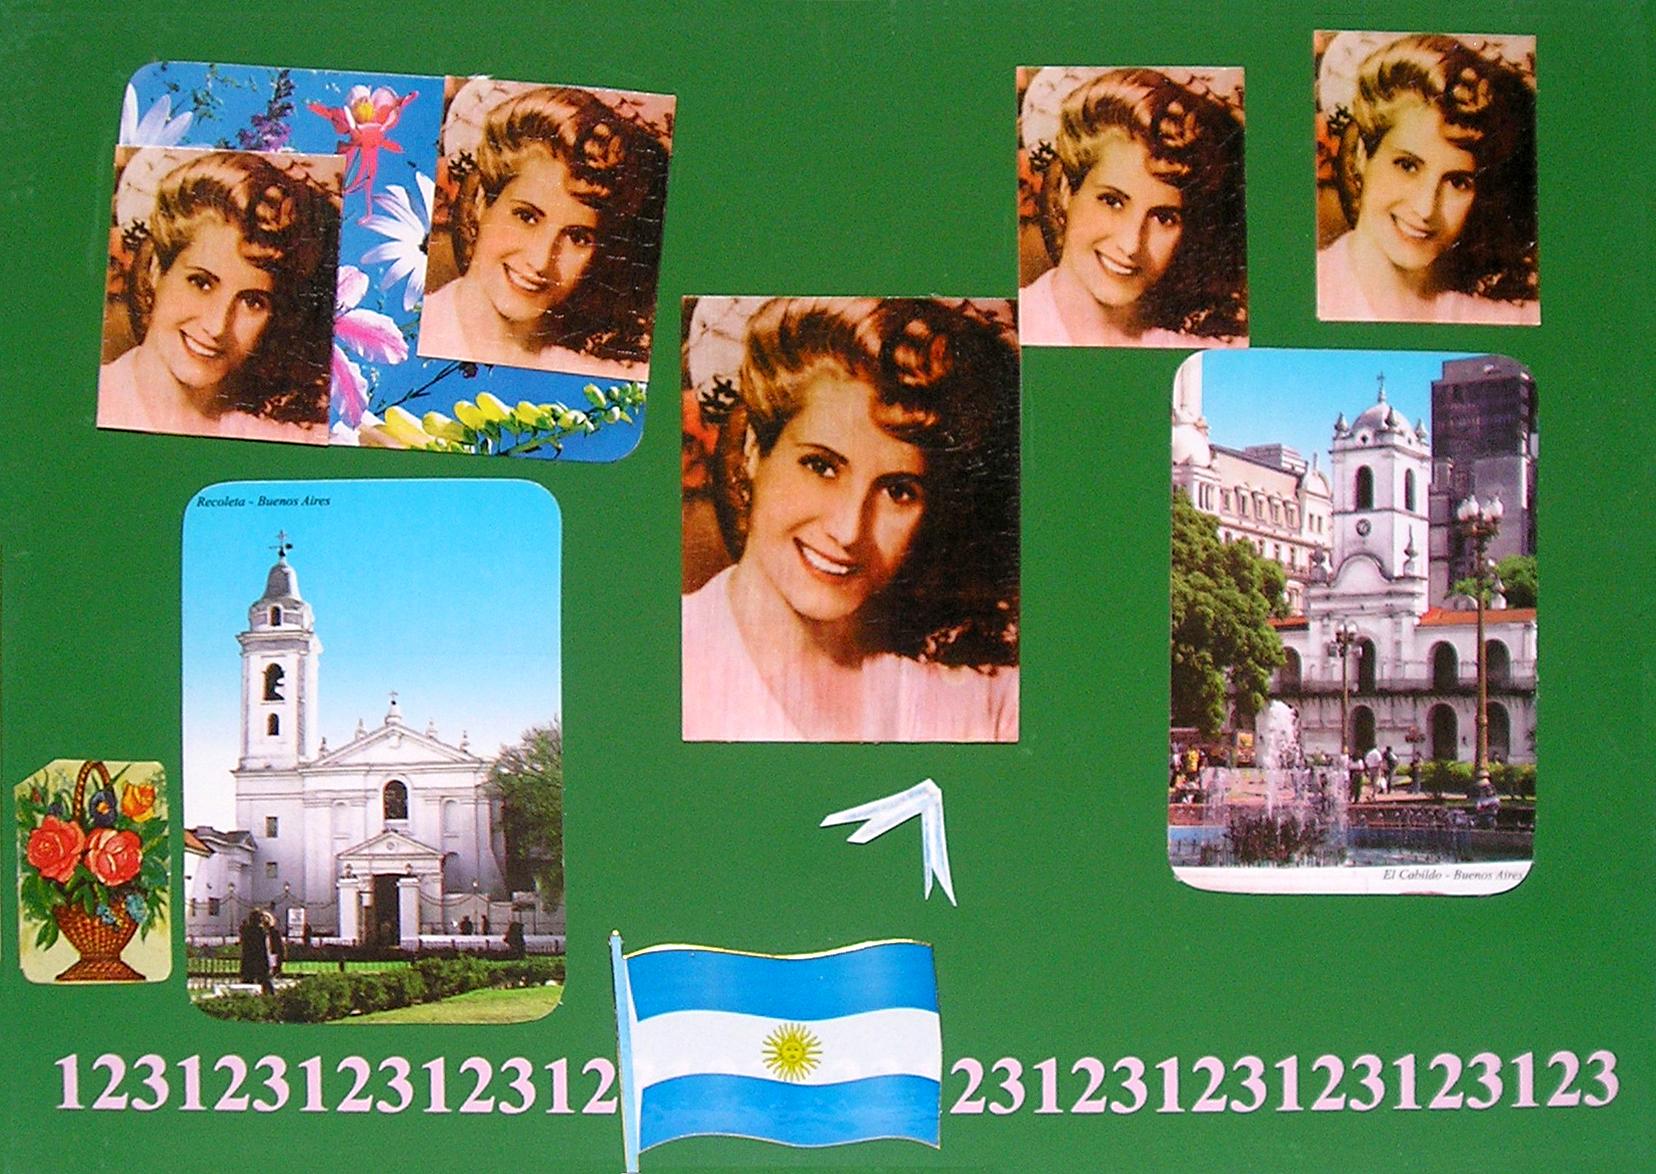 Evita Maestra recorre el país, Buenos Aires; serie, técnica mixta sobre pizarrón; 21 x 30 cm, 2007